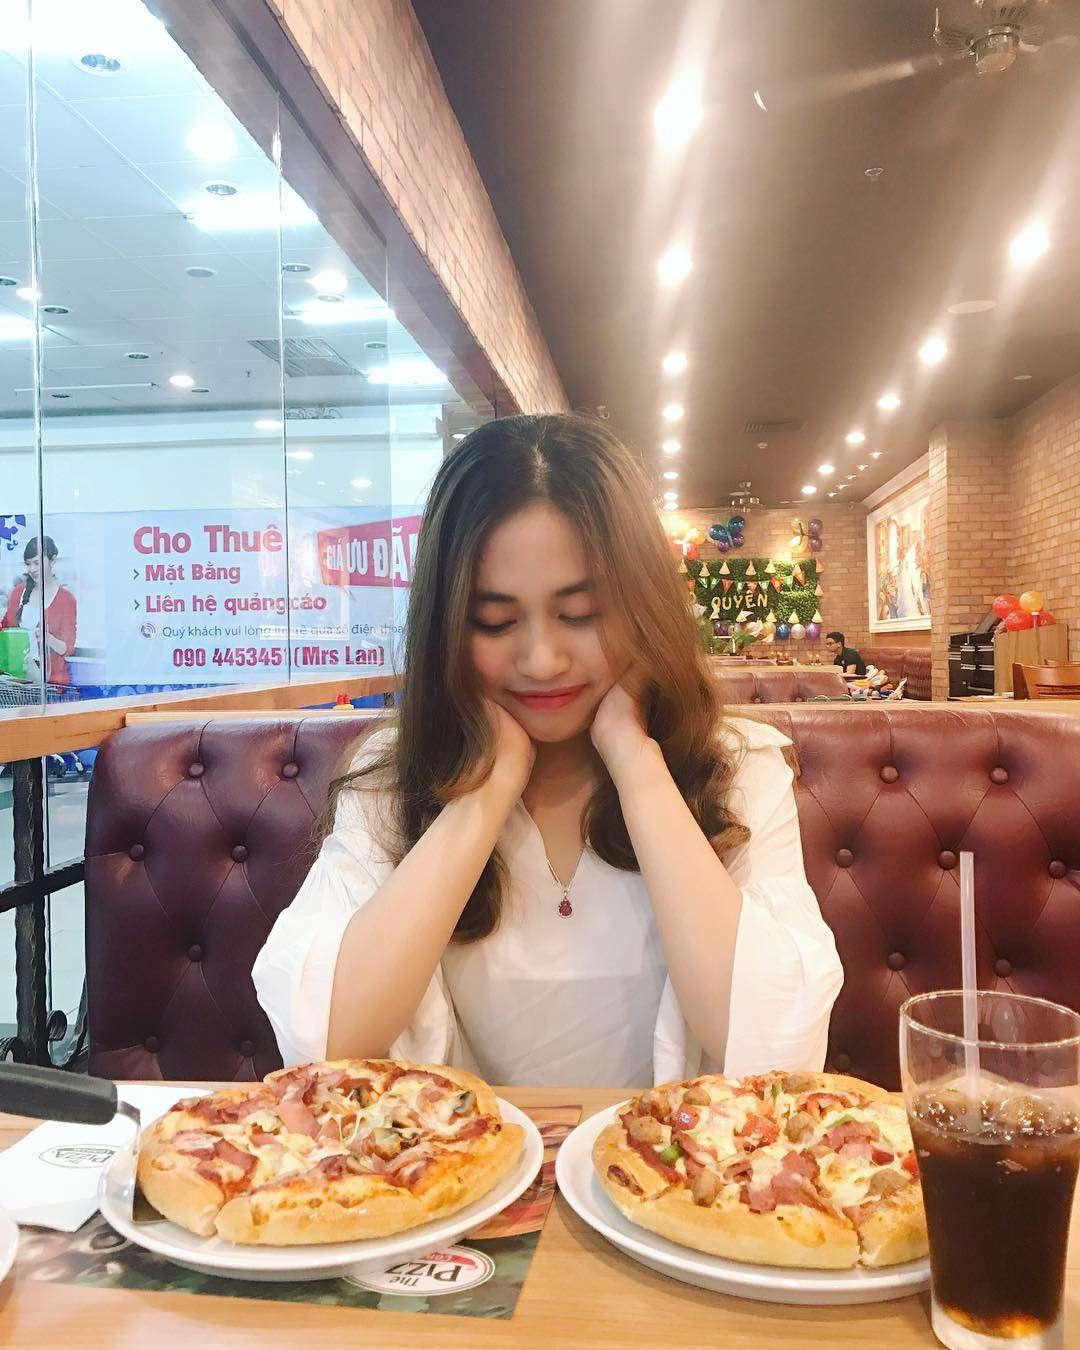 The Pizza Company Đà Nẵng thơm ngon chất lượng ổn định